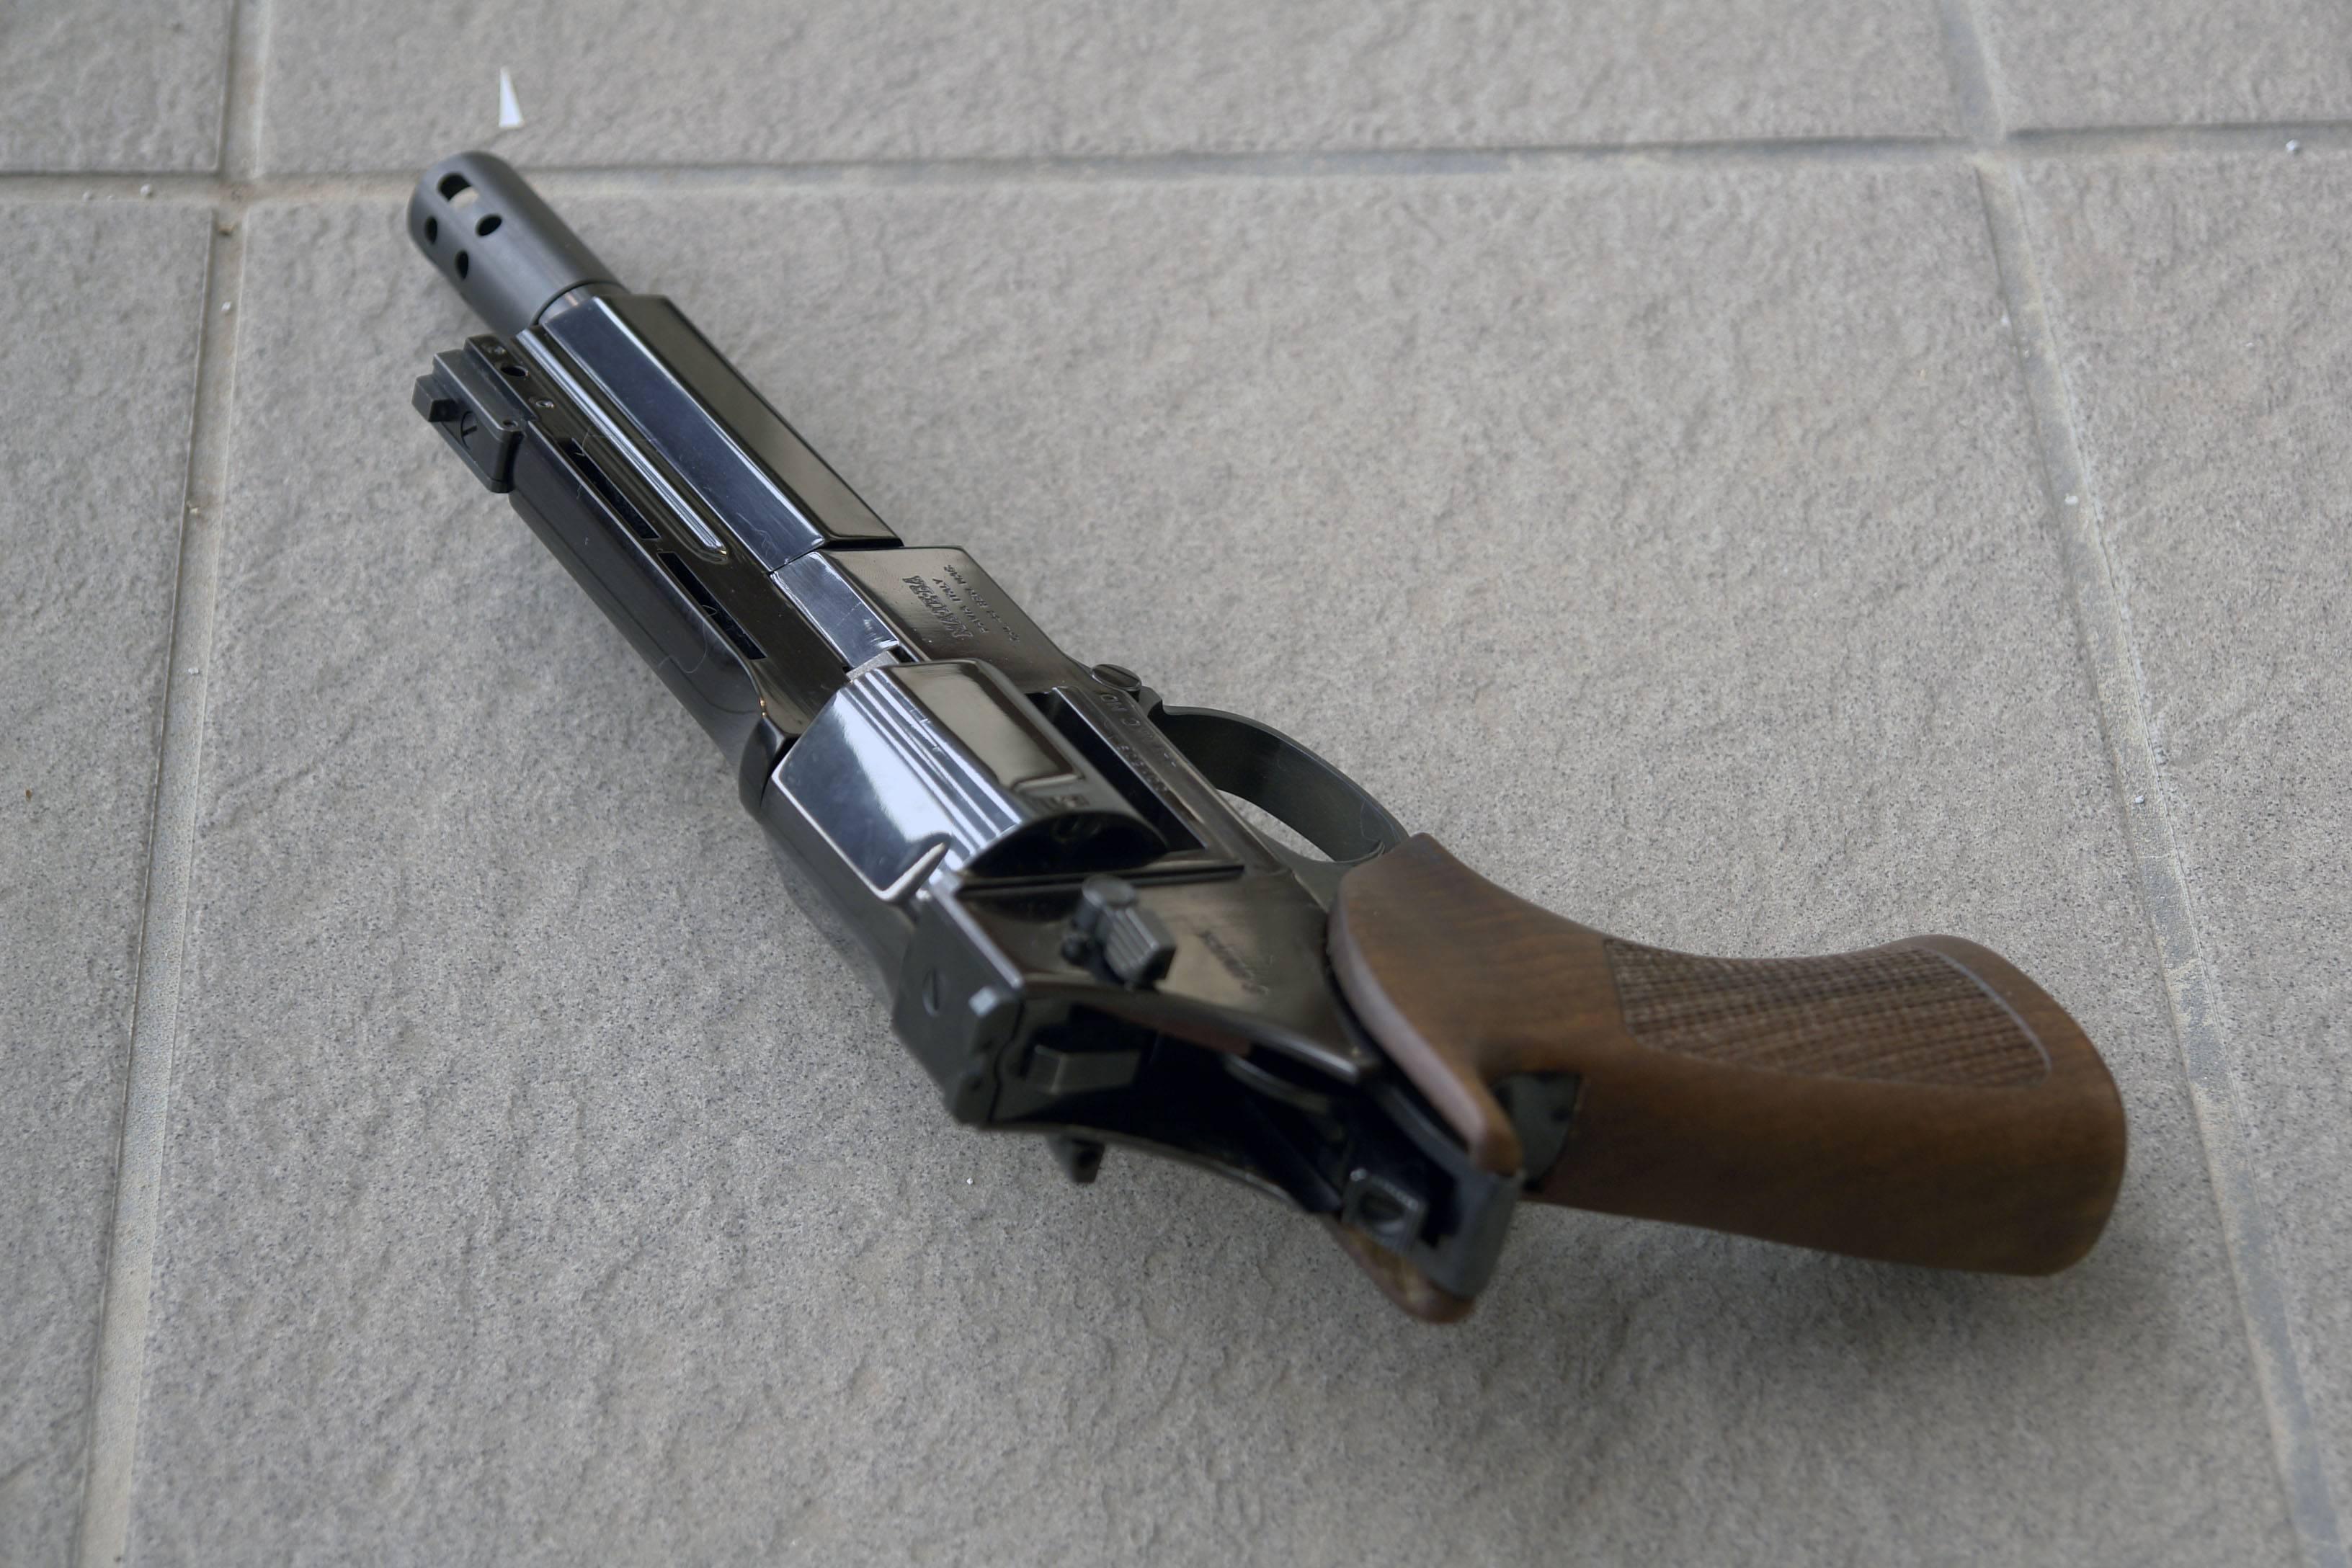 Rrulibs.com : справочная литература : справочная литература : автоматический револьвер mateba model 6 unica (италия) : владимир пилюгин : читать онлайн : читать бесплатно